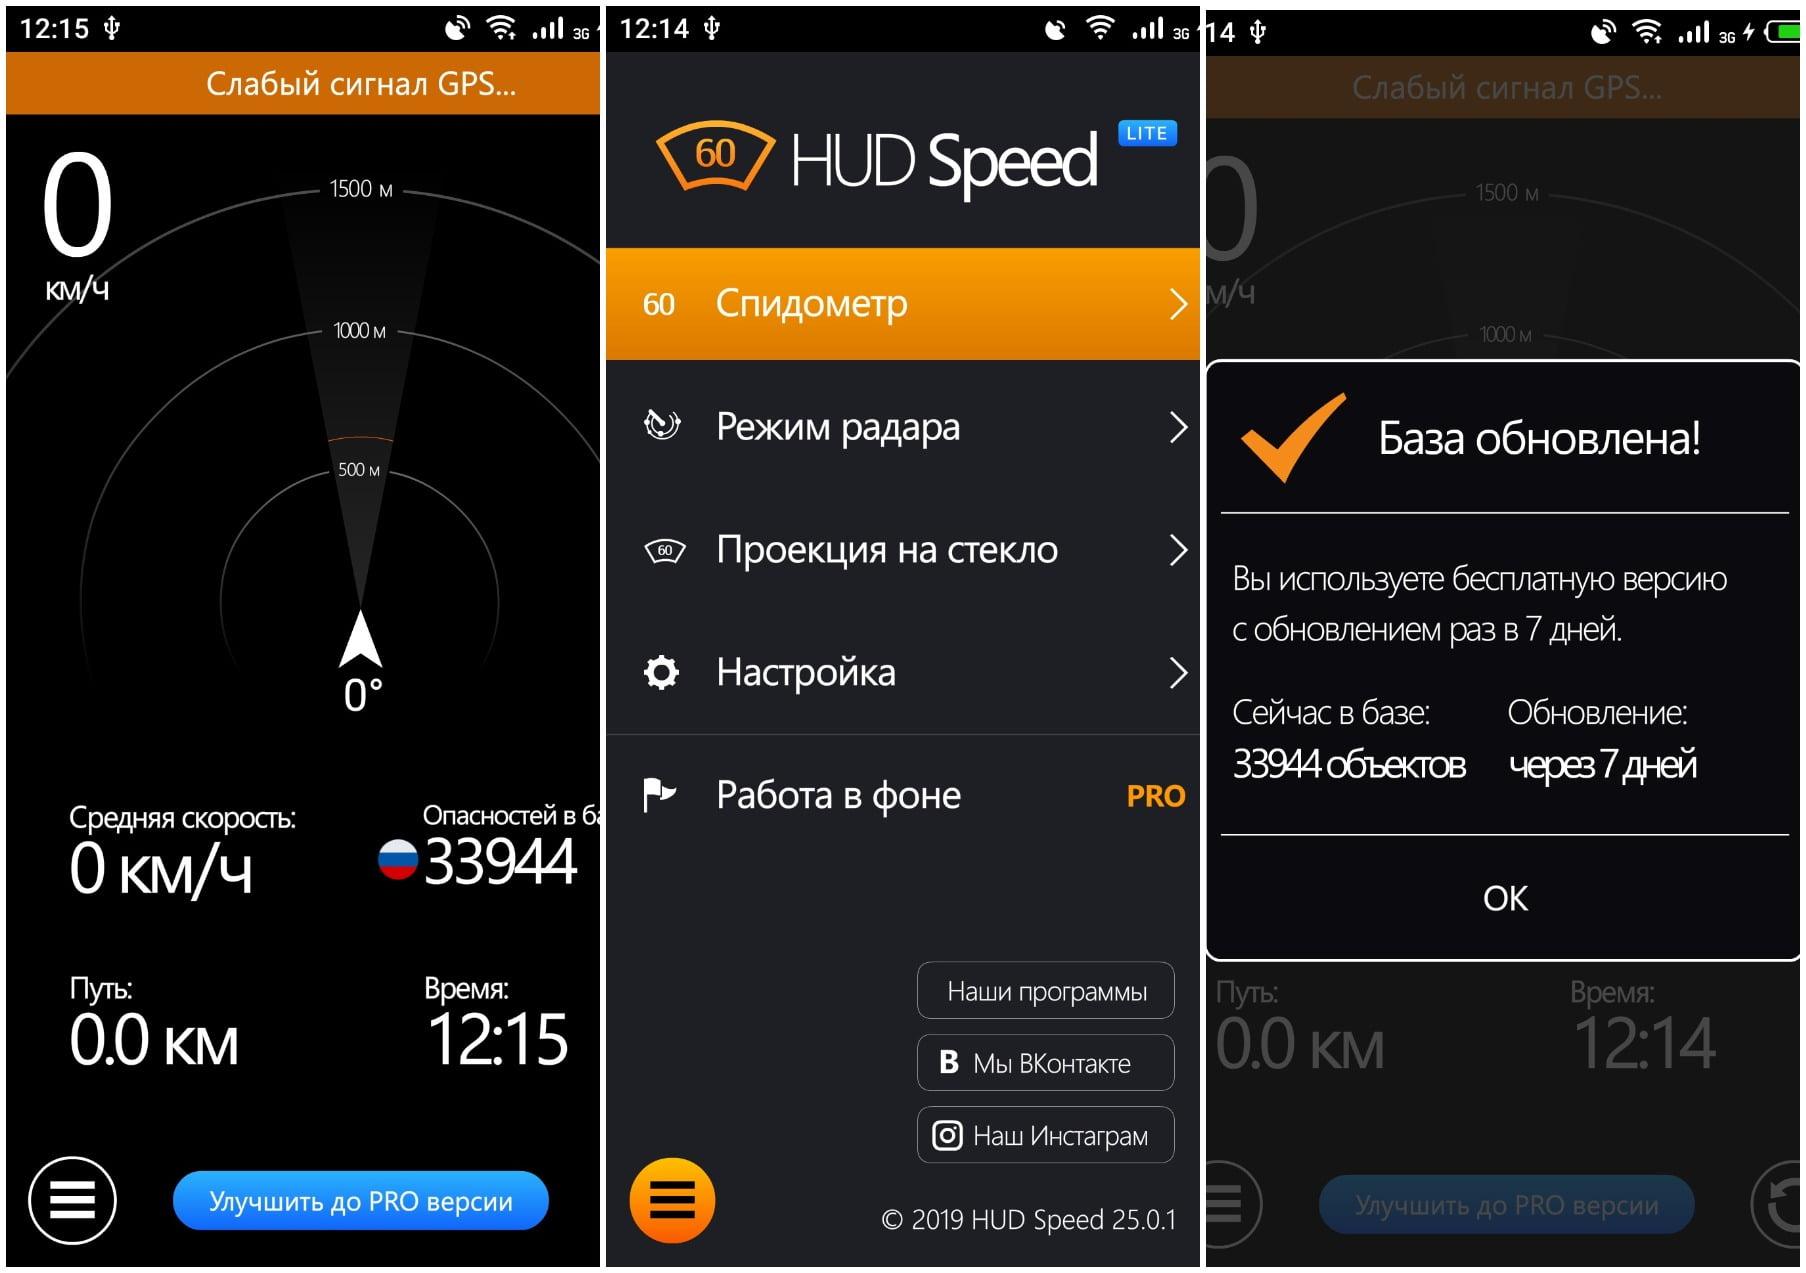 На фото приложение Hud антирадар Россия